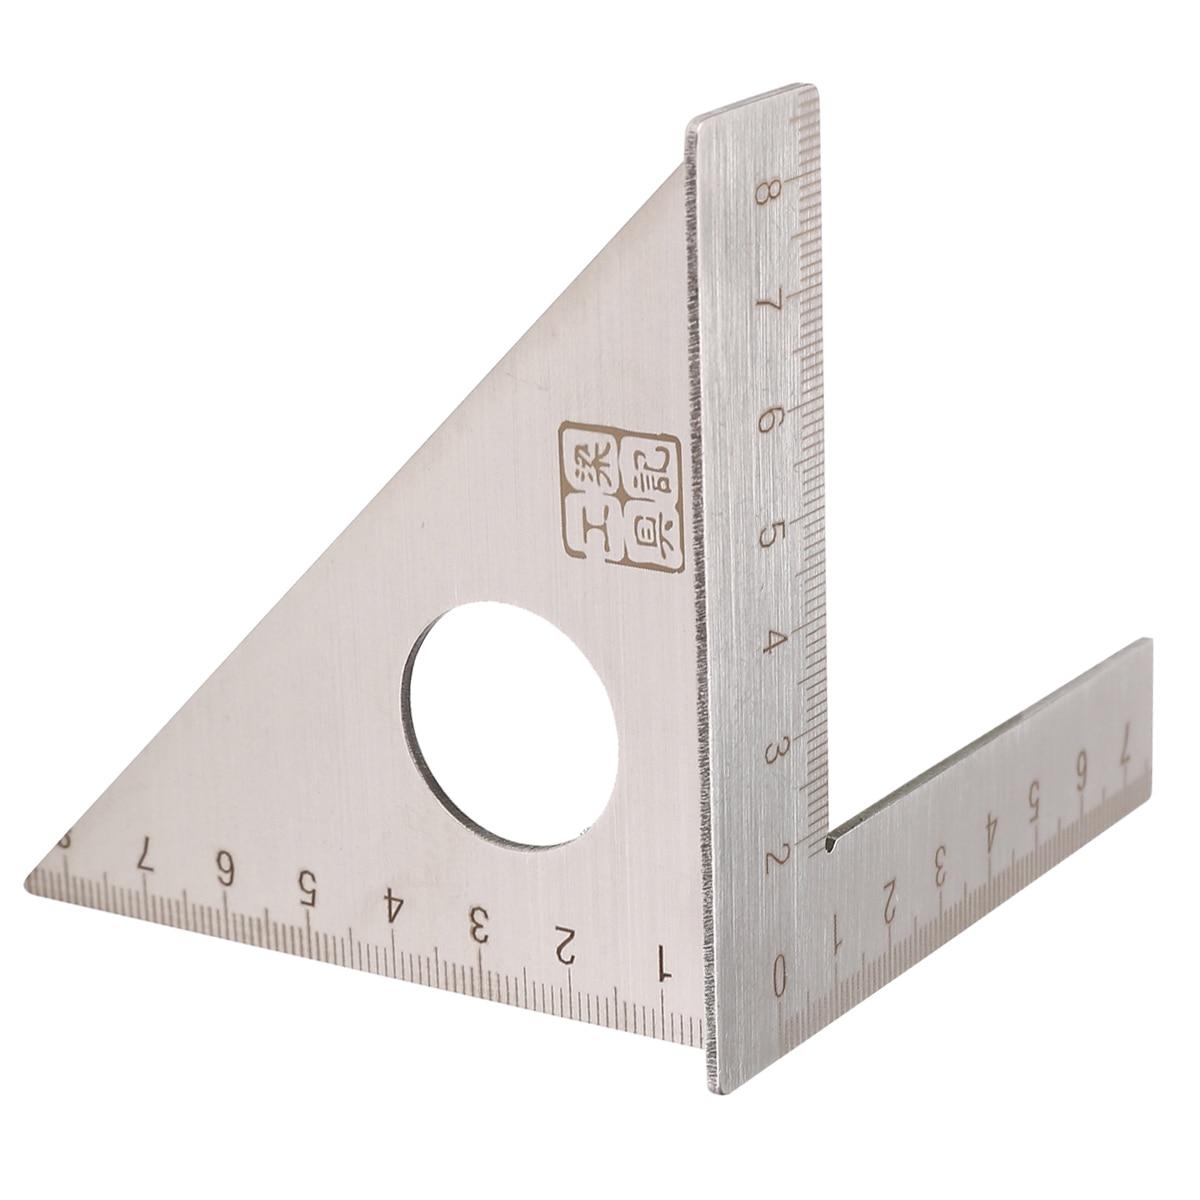 Regla para carpintería de acero inoxidable, mitón de diseño cuadrado, viga triangular, calibrador métrico de 45/90 grados, regla para herramienta de carpintero de medición